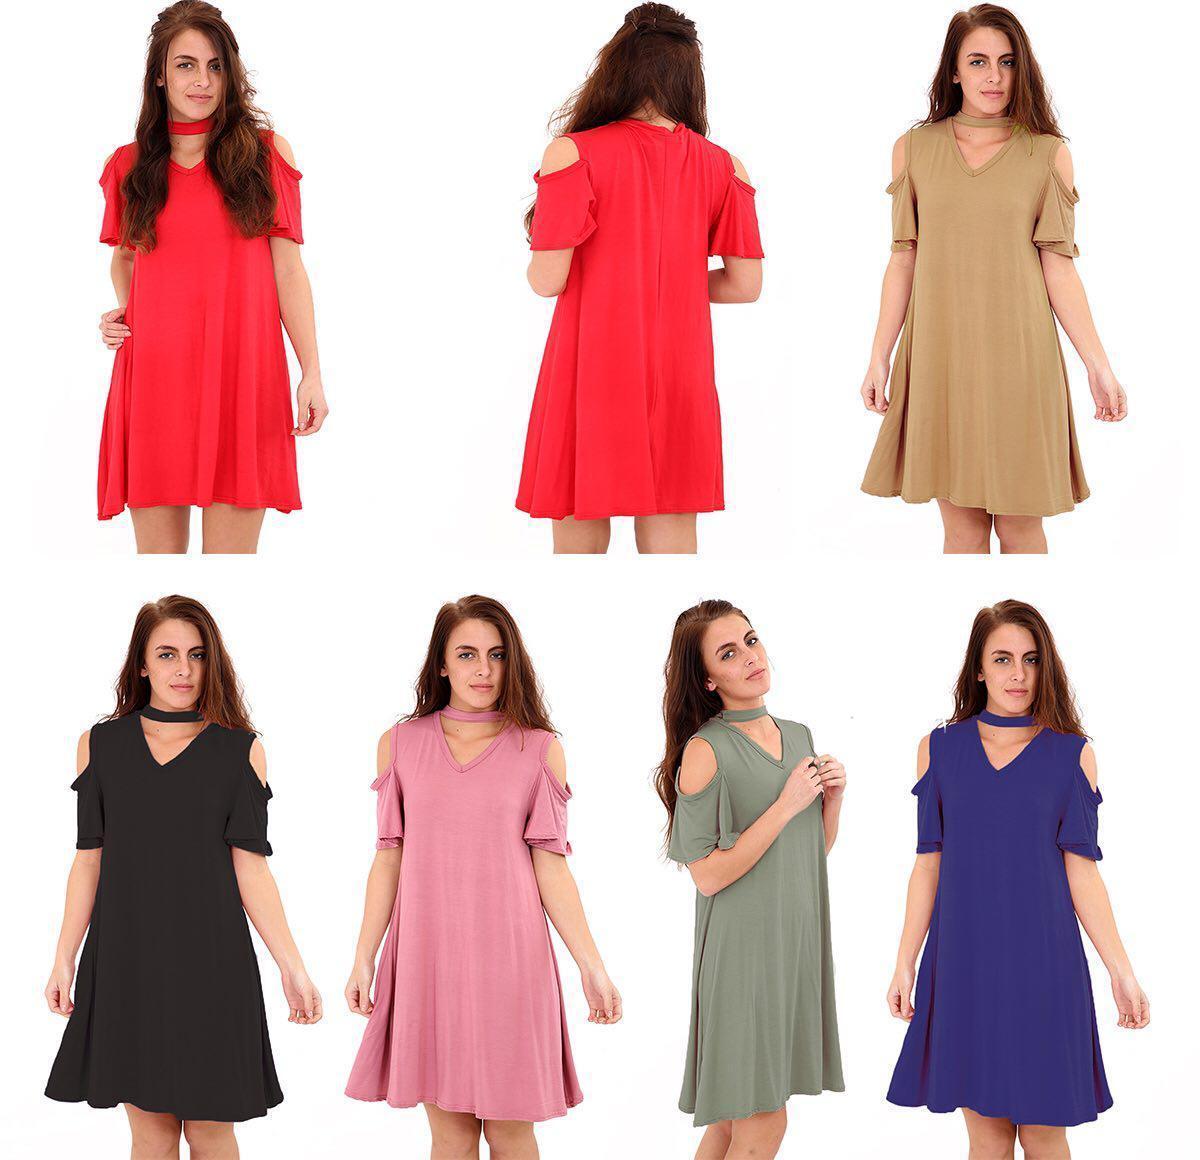 Damen Hemd mit Kurzen Ärmeln Halsband V Ausschnitt Tunika Enganliegend Top Kleid